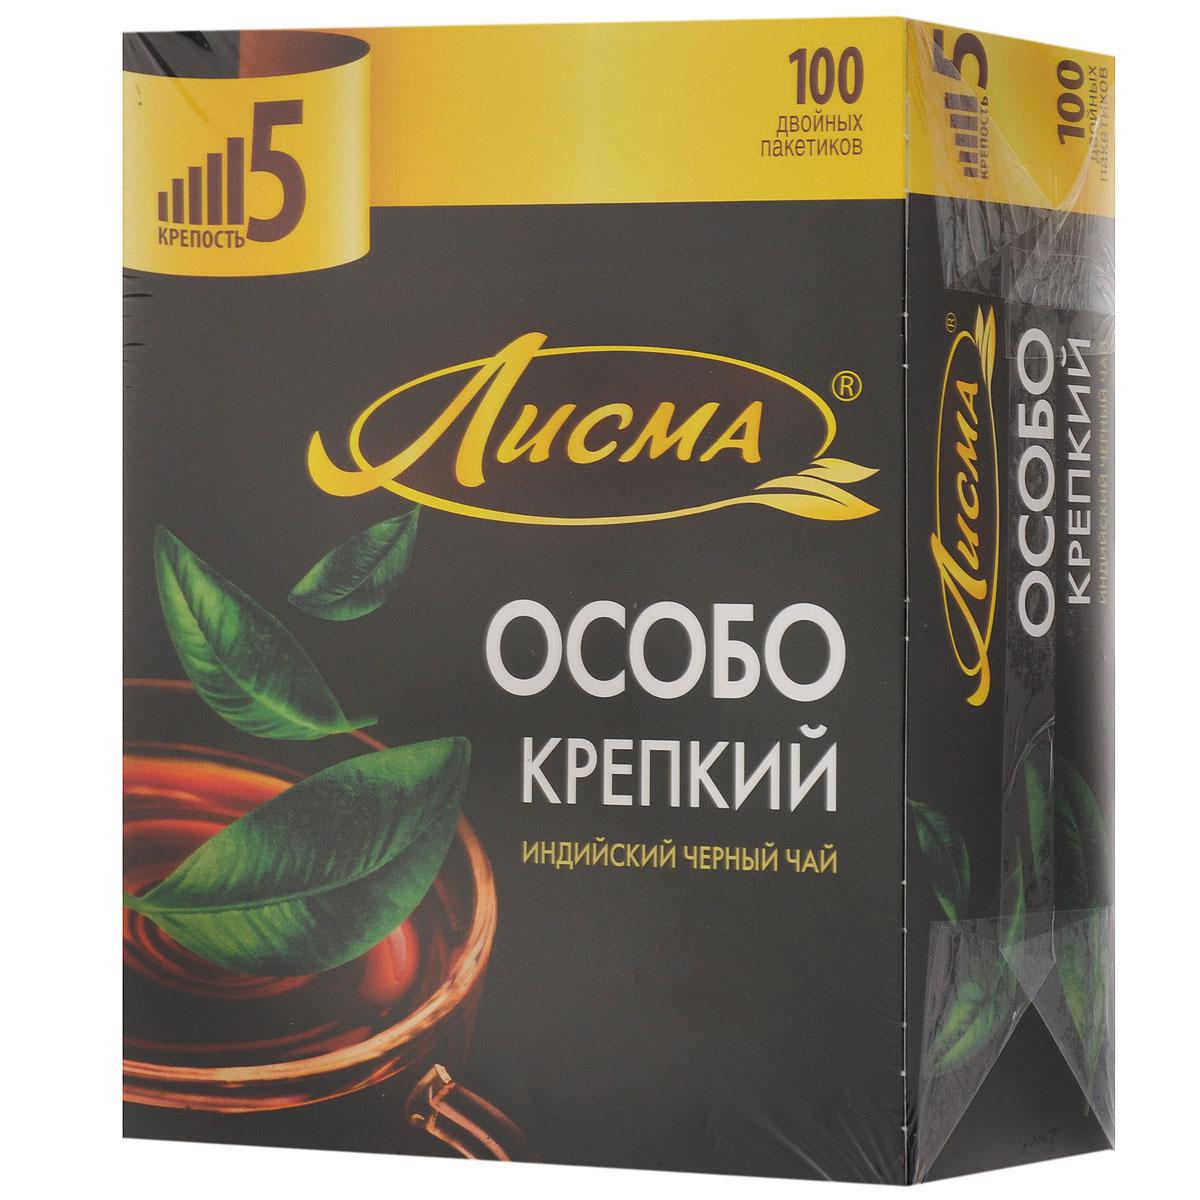 Лисма Особо Крепкий черный чай в пакетиках, 100 шт0120710Лисма Особо Крепкий - индийский черный байховый чай в пакетиках. В коробке содержится 100 пакетиков по 2,3 грамма.